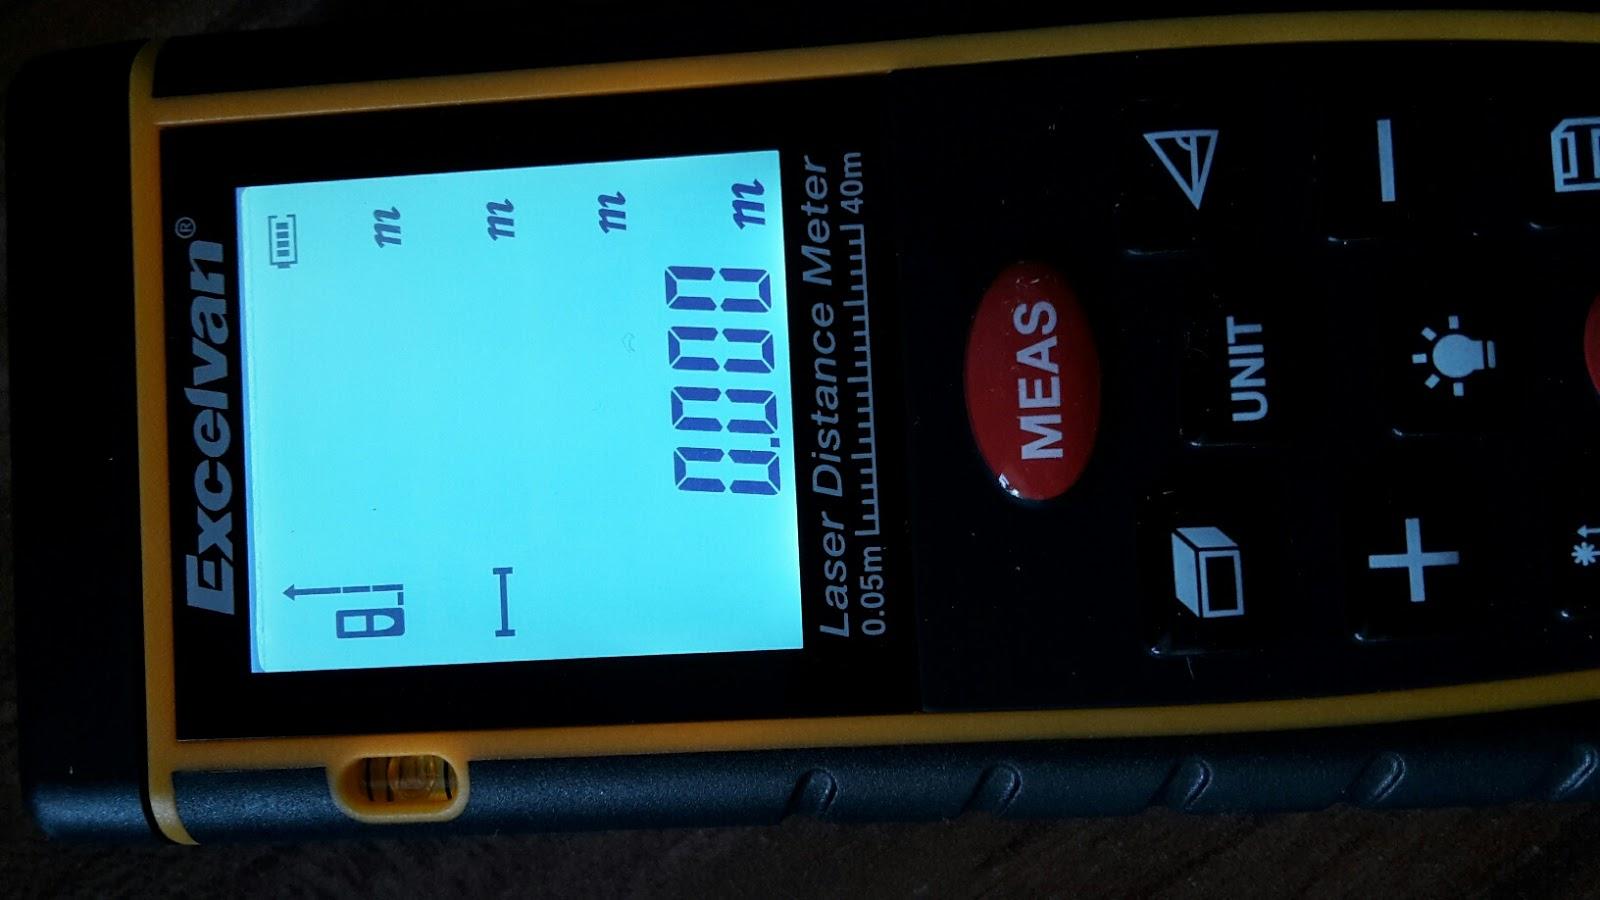 Laser Entfernungsmesser Floureon : Monas blog: excelvan® laser entfernungsmesser 0 05 40 m messbereich